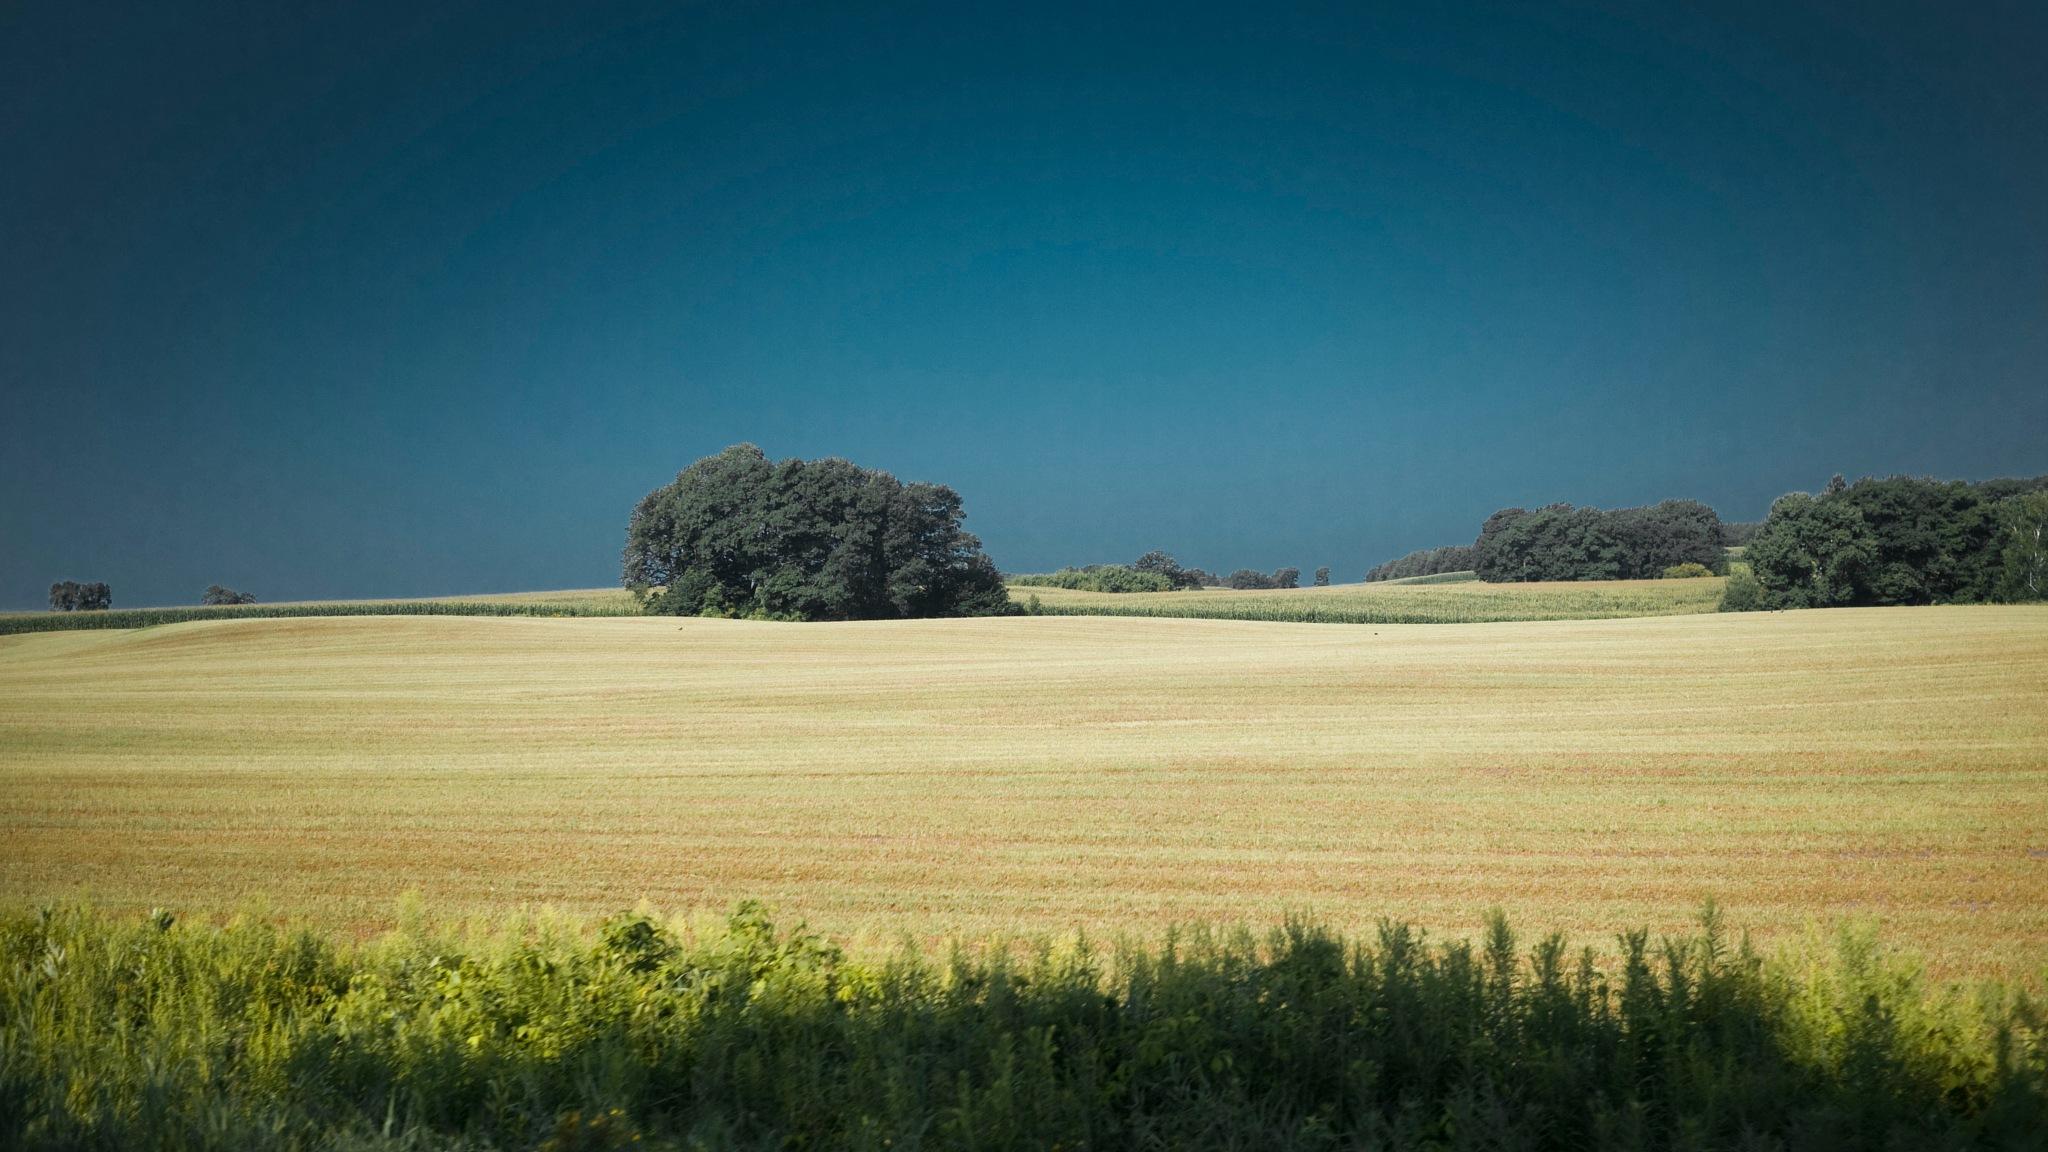 Farm field shot through a car window by Robert Henry